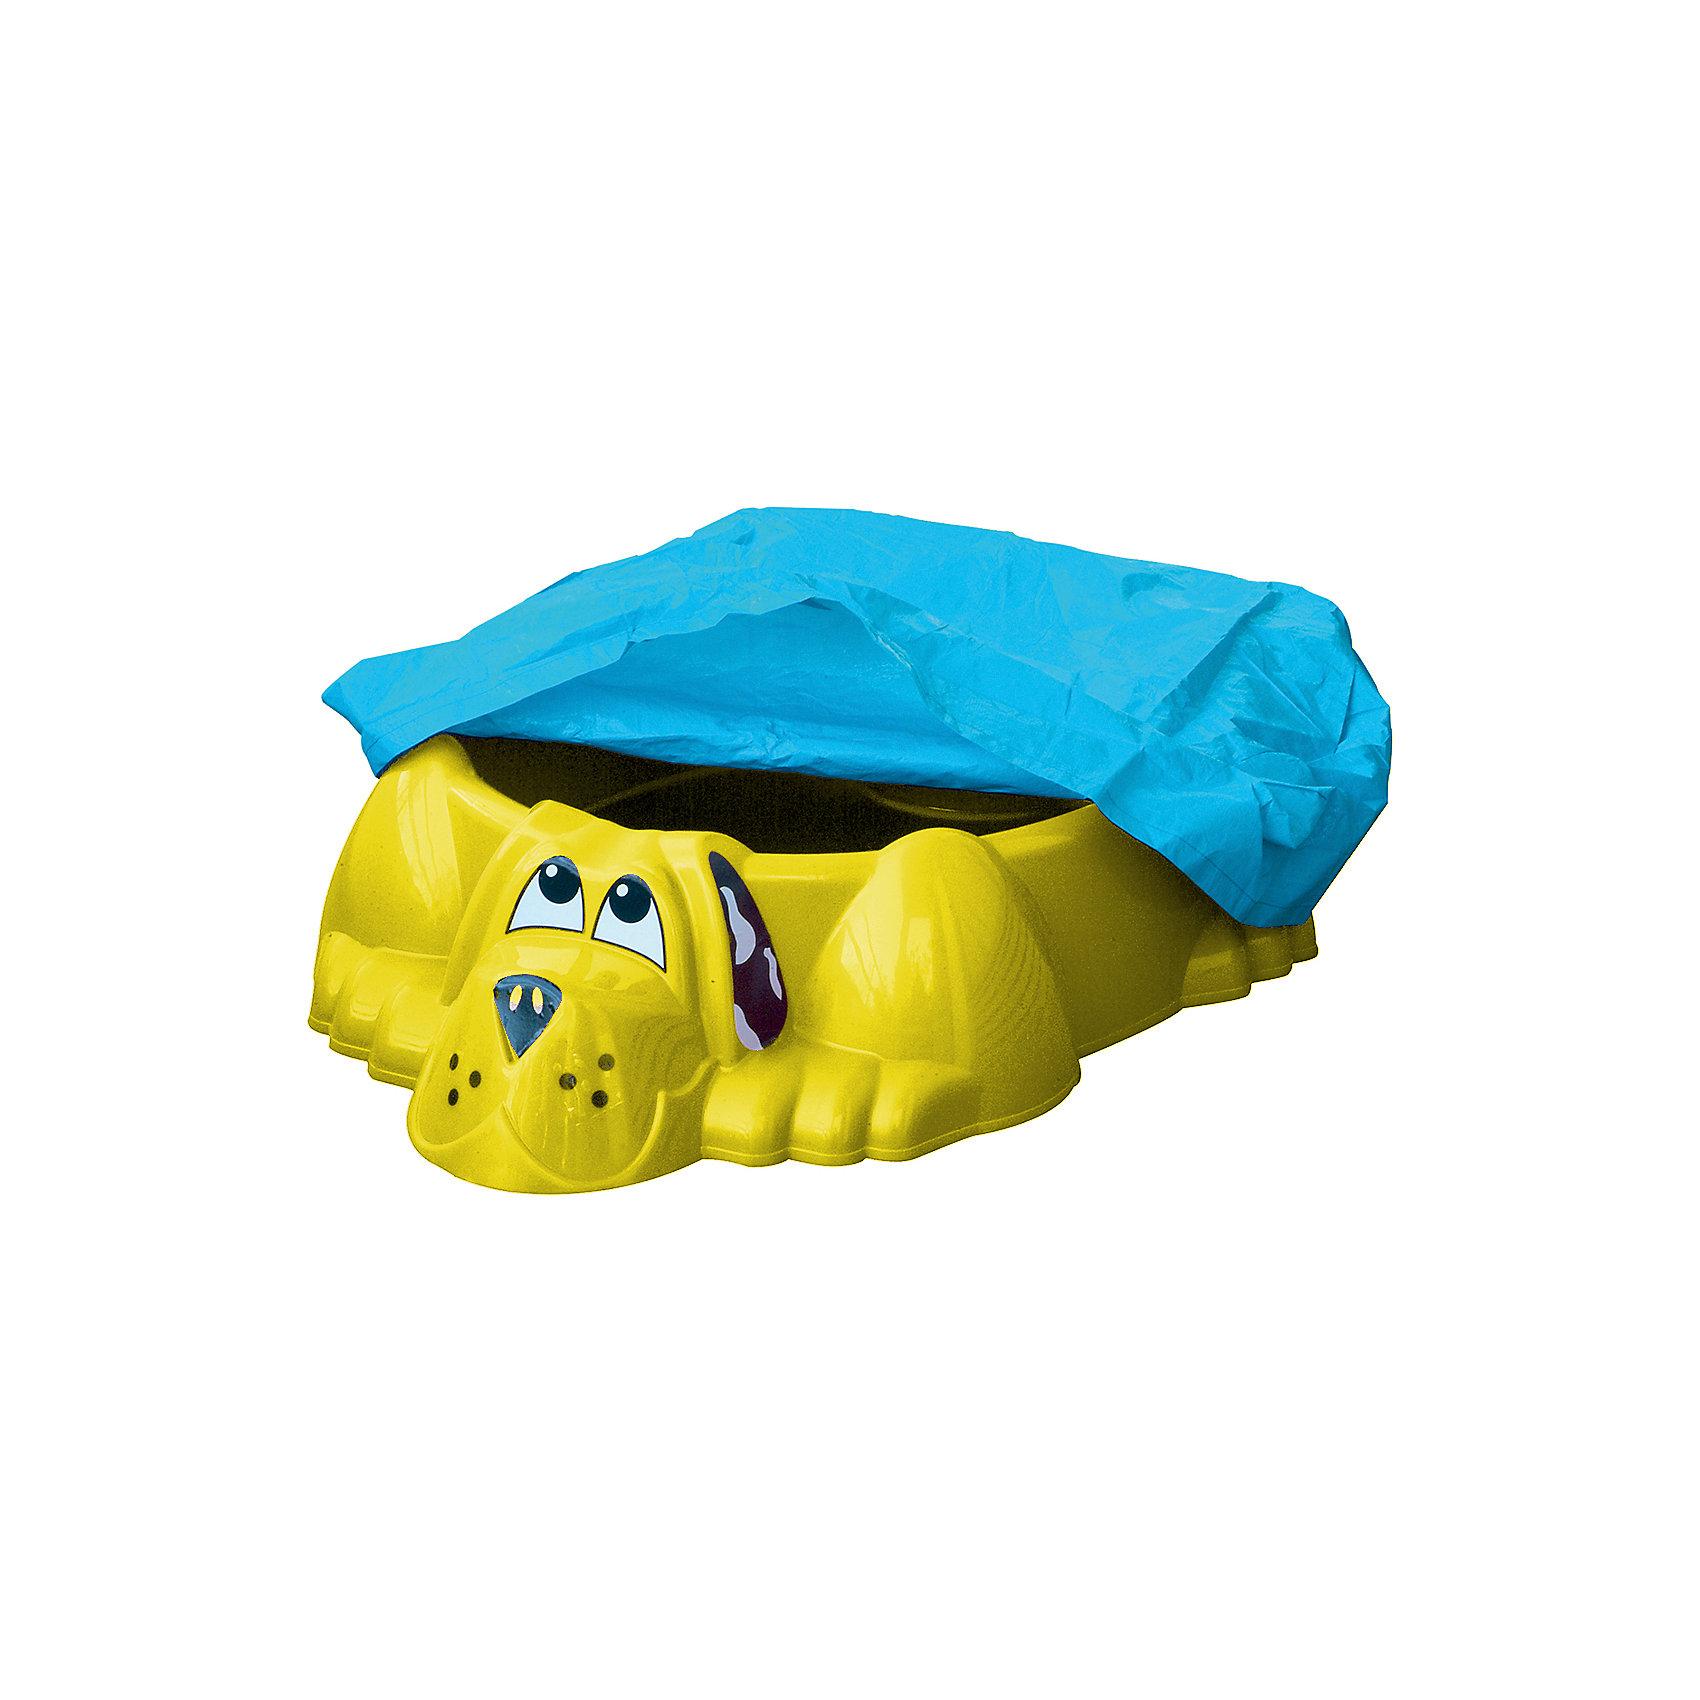 Бассейн-песочница Собачка с покрытием, желто-синий, Marian PlastБассейн - Собачка с покрытием от Marianplast (Марианпласт) прекрасно подойдет для летнего отдыха детей, оригинальный дизайн и яркая раскраска привлекут внимание малыша, может  использоваться и как песочница и как бассейн. В собачку можно засыпать песок и играть в куличики, а можно наполнить водой и купать любимые игрушки.<br><br>Бассейн выполнен в форме забавной собачки, внутри имеются два удобных сиденья в виде выступов. В песочнице одновременно могут играть двое детей. В комплект входит тент-покрытие, который защитит песочницу от дождя, осадков и загрязнений. Размеры бассейна  позволяют перевезти его на любом легковом автомобиле.<br><br>Дополнительная информация:<br><br>- В комплекте: песочница-бассейн, мягкое покрытие, наклейки (уши, нос, глаза собачки).<br>- Материал: гипоаллергенная пластмасса, устойчивая к выцветанию.<br>- Размер: 115 x 92 x 25 см.<br>- Вес:  4,2 кг.<br><br>Бассейн - Собачку с покрытием от Marianplast (Марианпласт) можно купить в нашем интернет-магазине.<br><br>Ширина мм: 1150<br>Глубина мм: 920<br>Высота мм: 250<br>Вес г: 4110<br>Возраст от месяцев: 24<br>Возраст до месяцев: 96<br>Пол: Унисекс<br>Возраст: Детский<br>SKU: 3527203